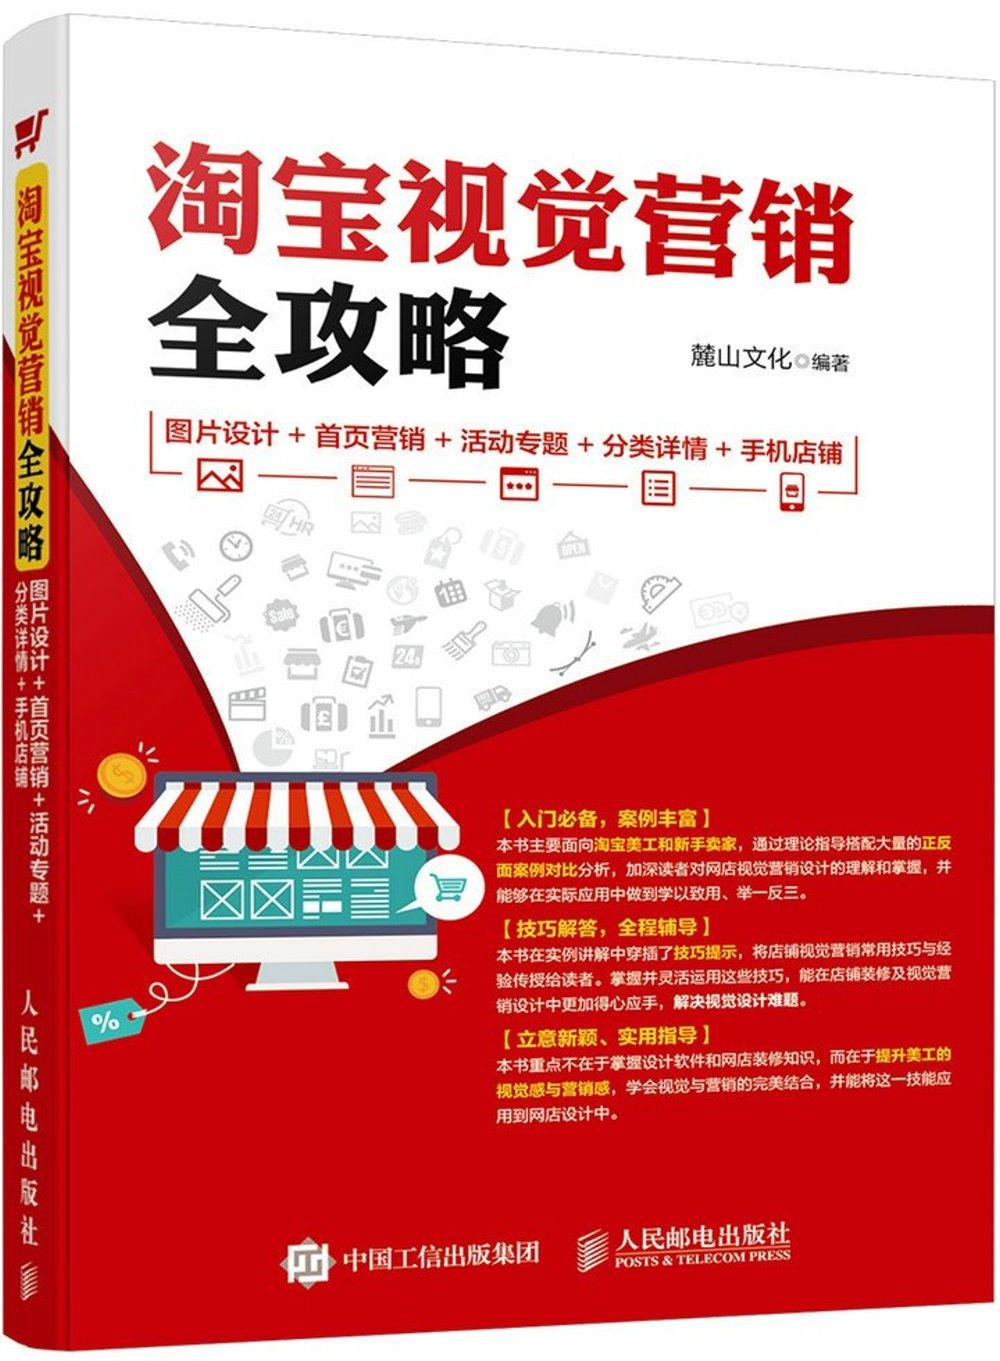 淘寶視覺營銷全攻略:圖片設計+首頁營銷+活動專題+分類詳情+手機店鋪